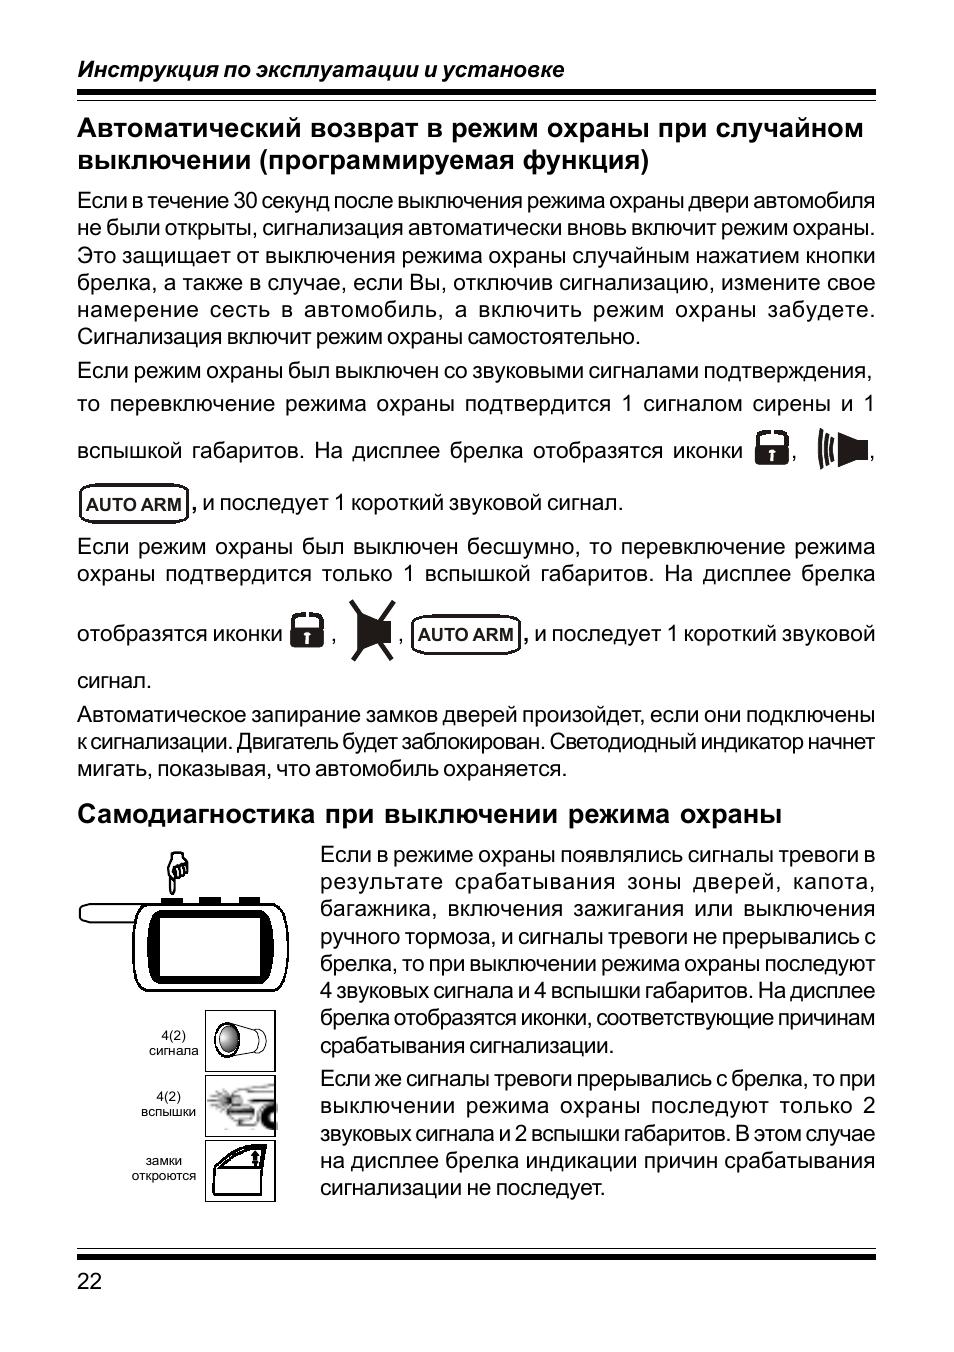 старлайн а6 инструкция по эксплуатации читать